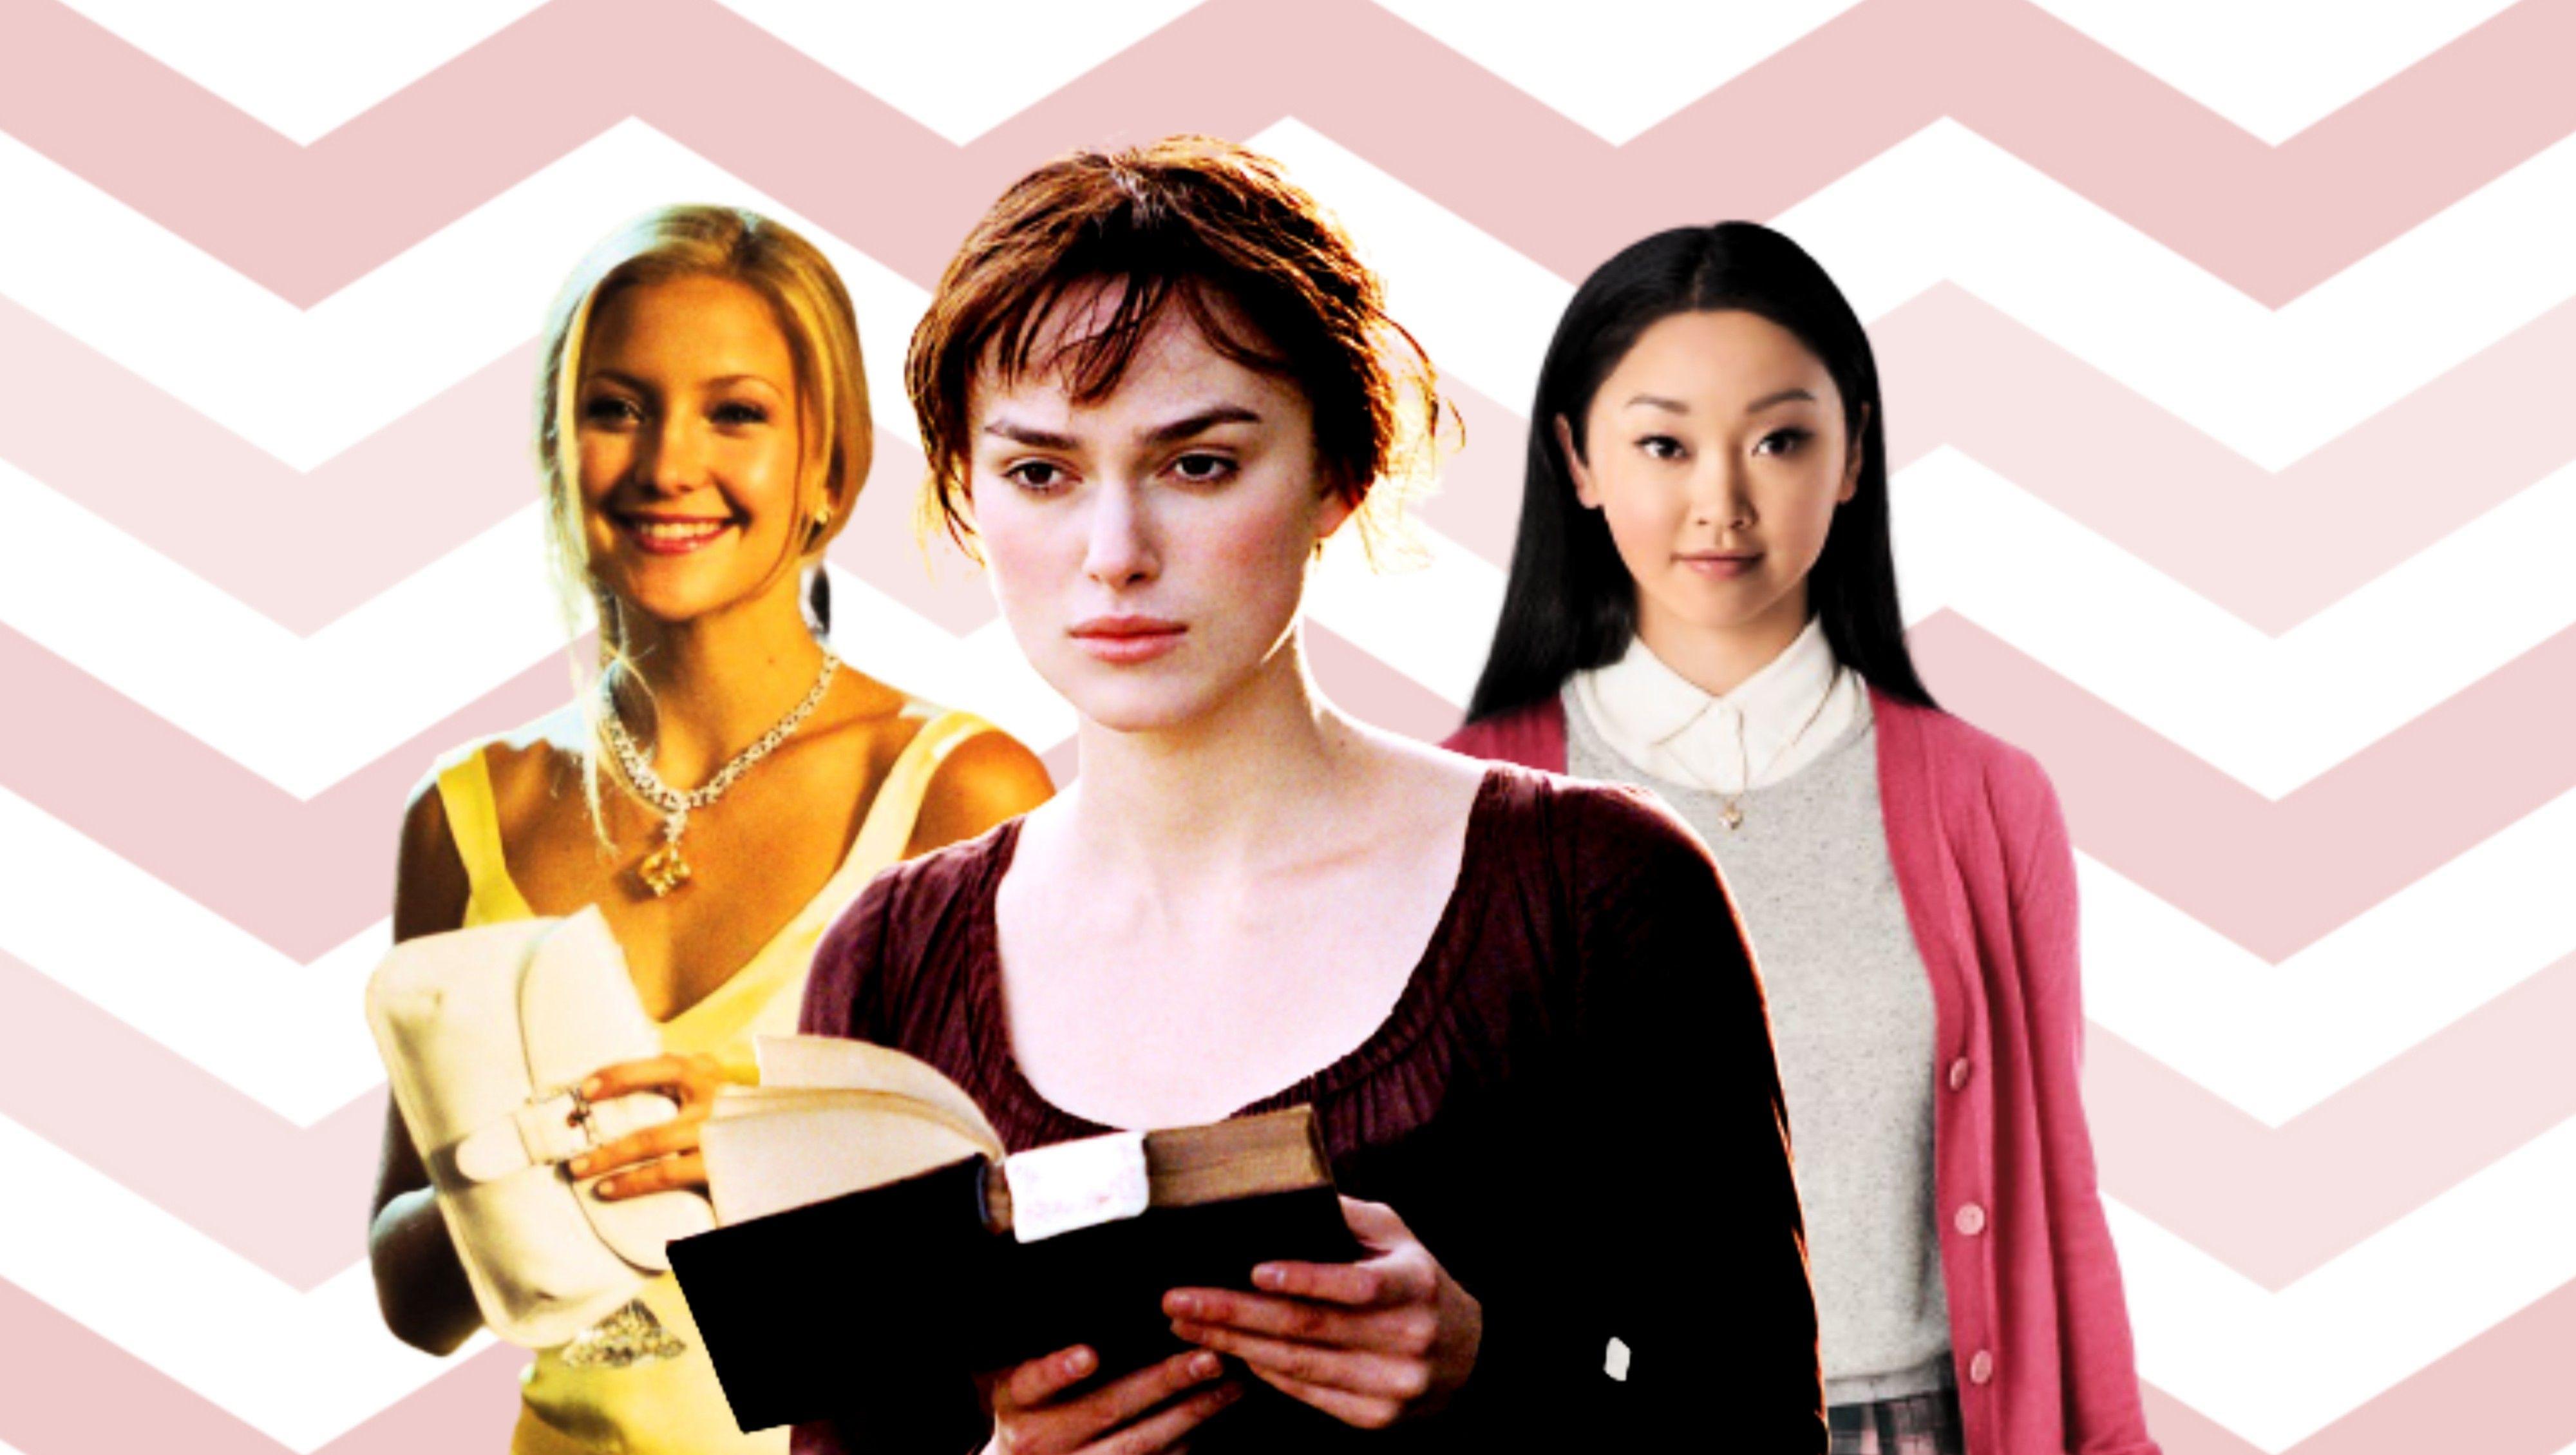 Las Mejores Películas Románticas En Netflix Películas De Amor Recomendadas